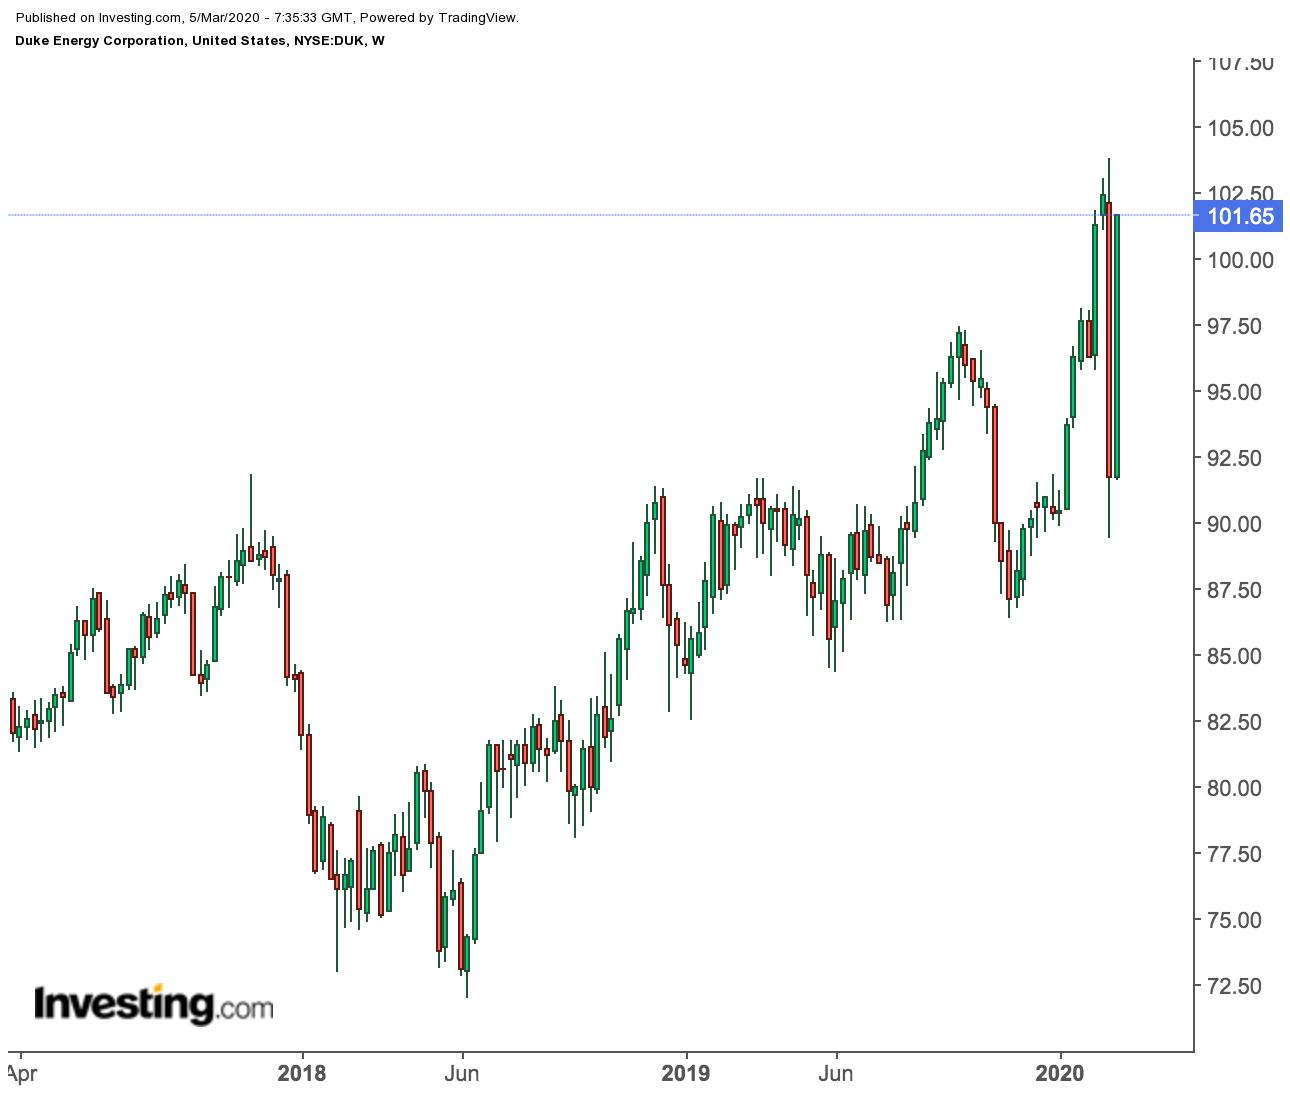 Duke Energy Weekly Price Chart